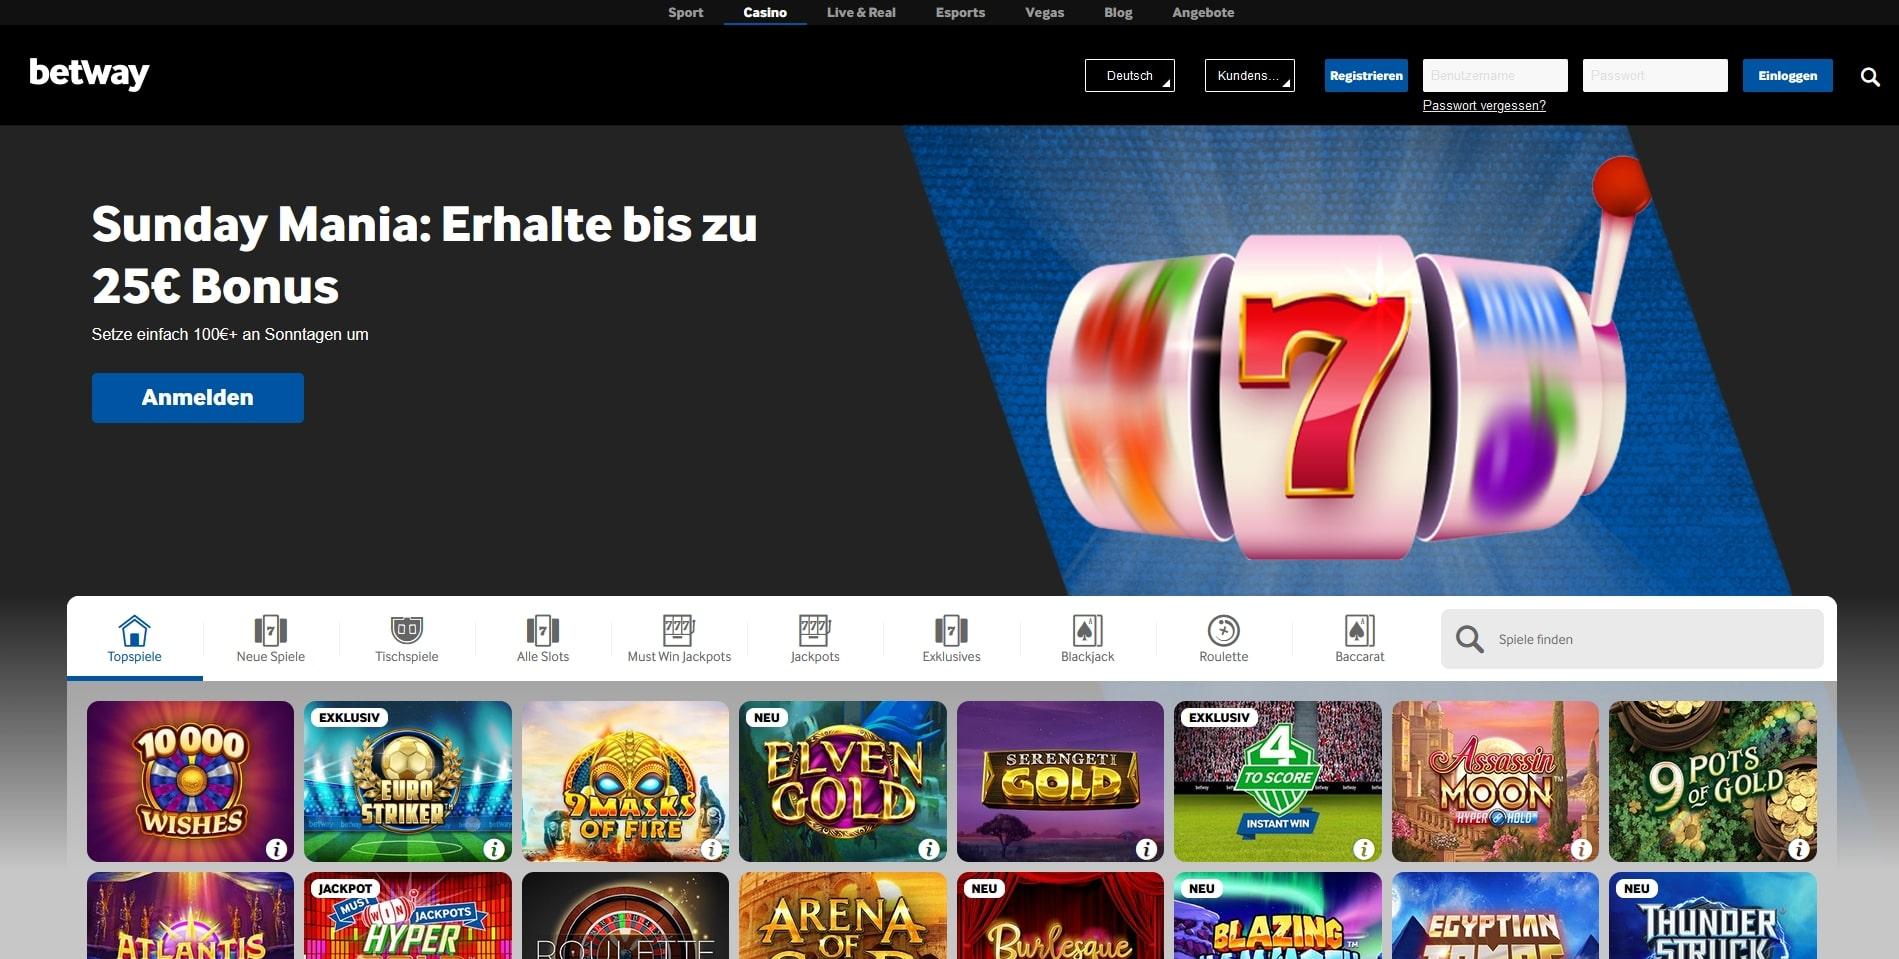 Betway Casino Übersicht Startseite